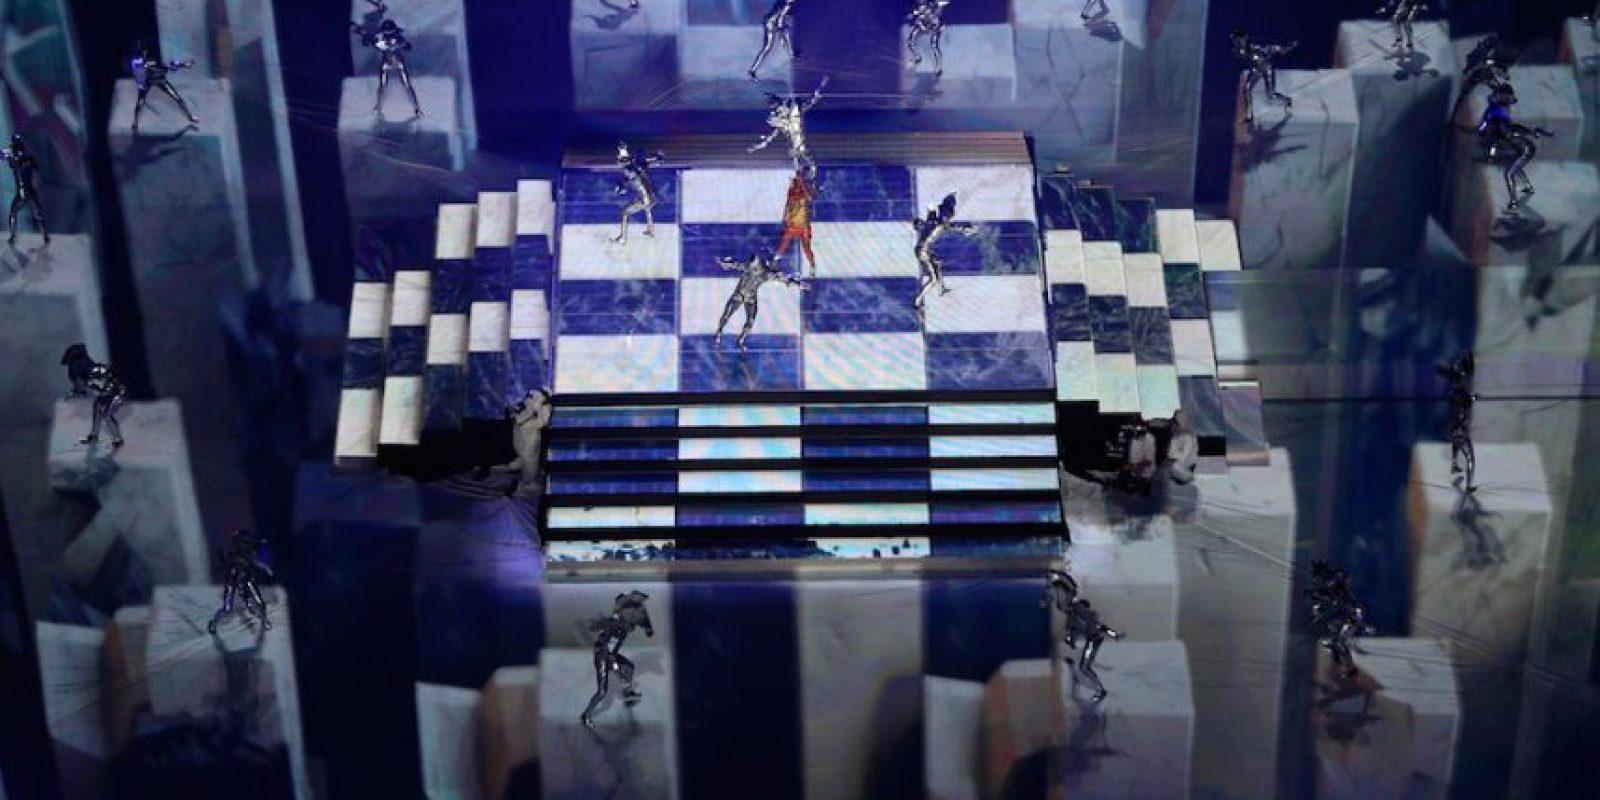 """En cuanto a los bailarines, Prathios dijo que comenzaron a ensayar el 22 enero y """"teníamos dos seccionales el 22 y el 23. Luego el domingo tuvimos un ensayo de unión con las esferas (tanto las que abrían como las que cerraban). El lunes y martes fueron otros ensayos de sección y reunión"""". Foto:Getty Images"""